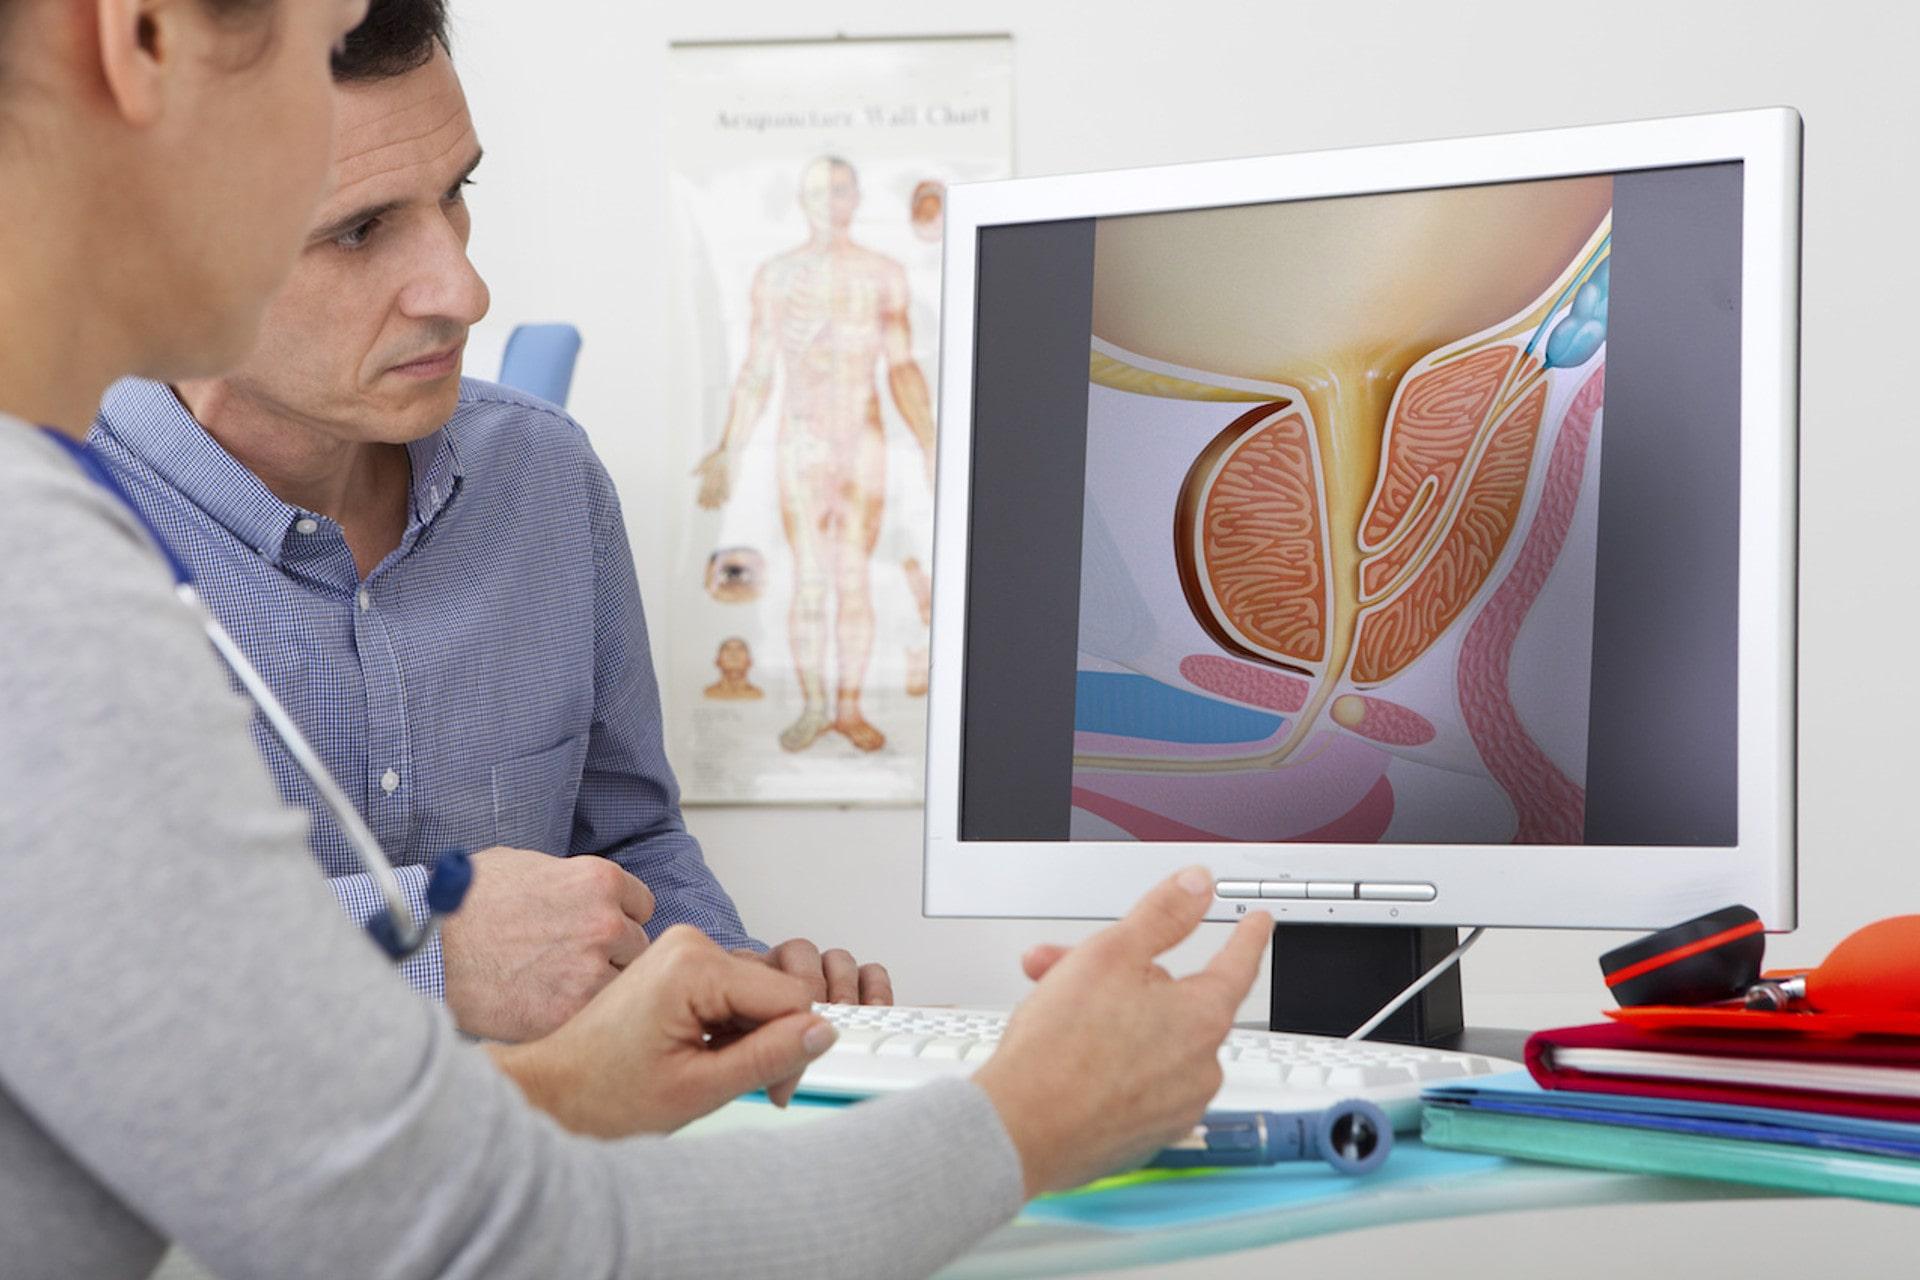 Protos-centro-medico-urologia